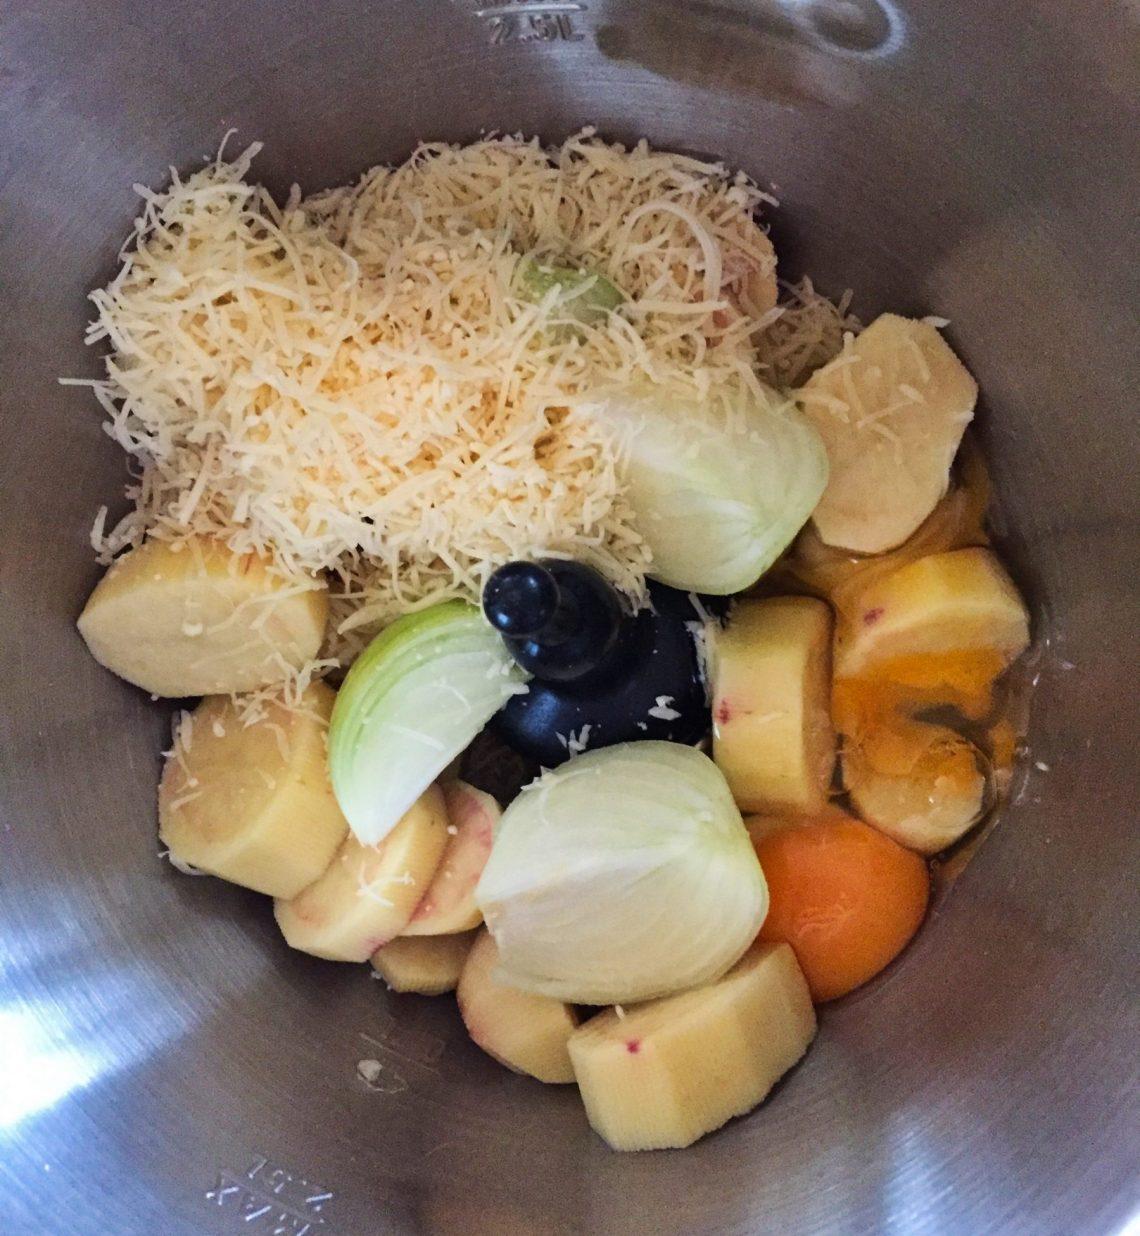 IMG 1481 - Roulé aux pommes de terre façon tartiflette (recette Companion)